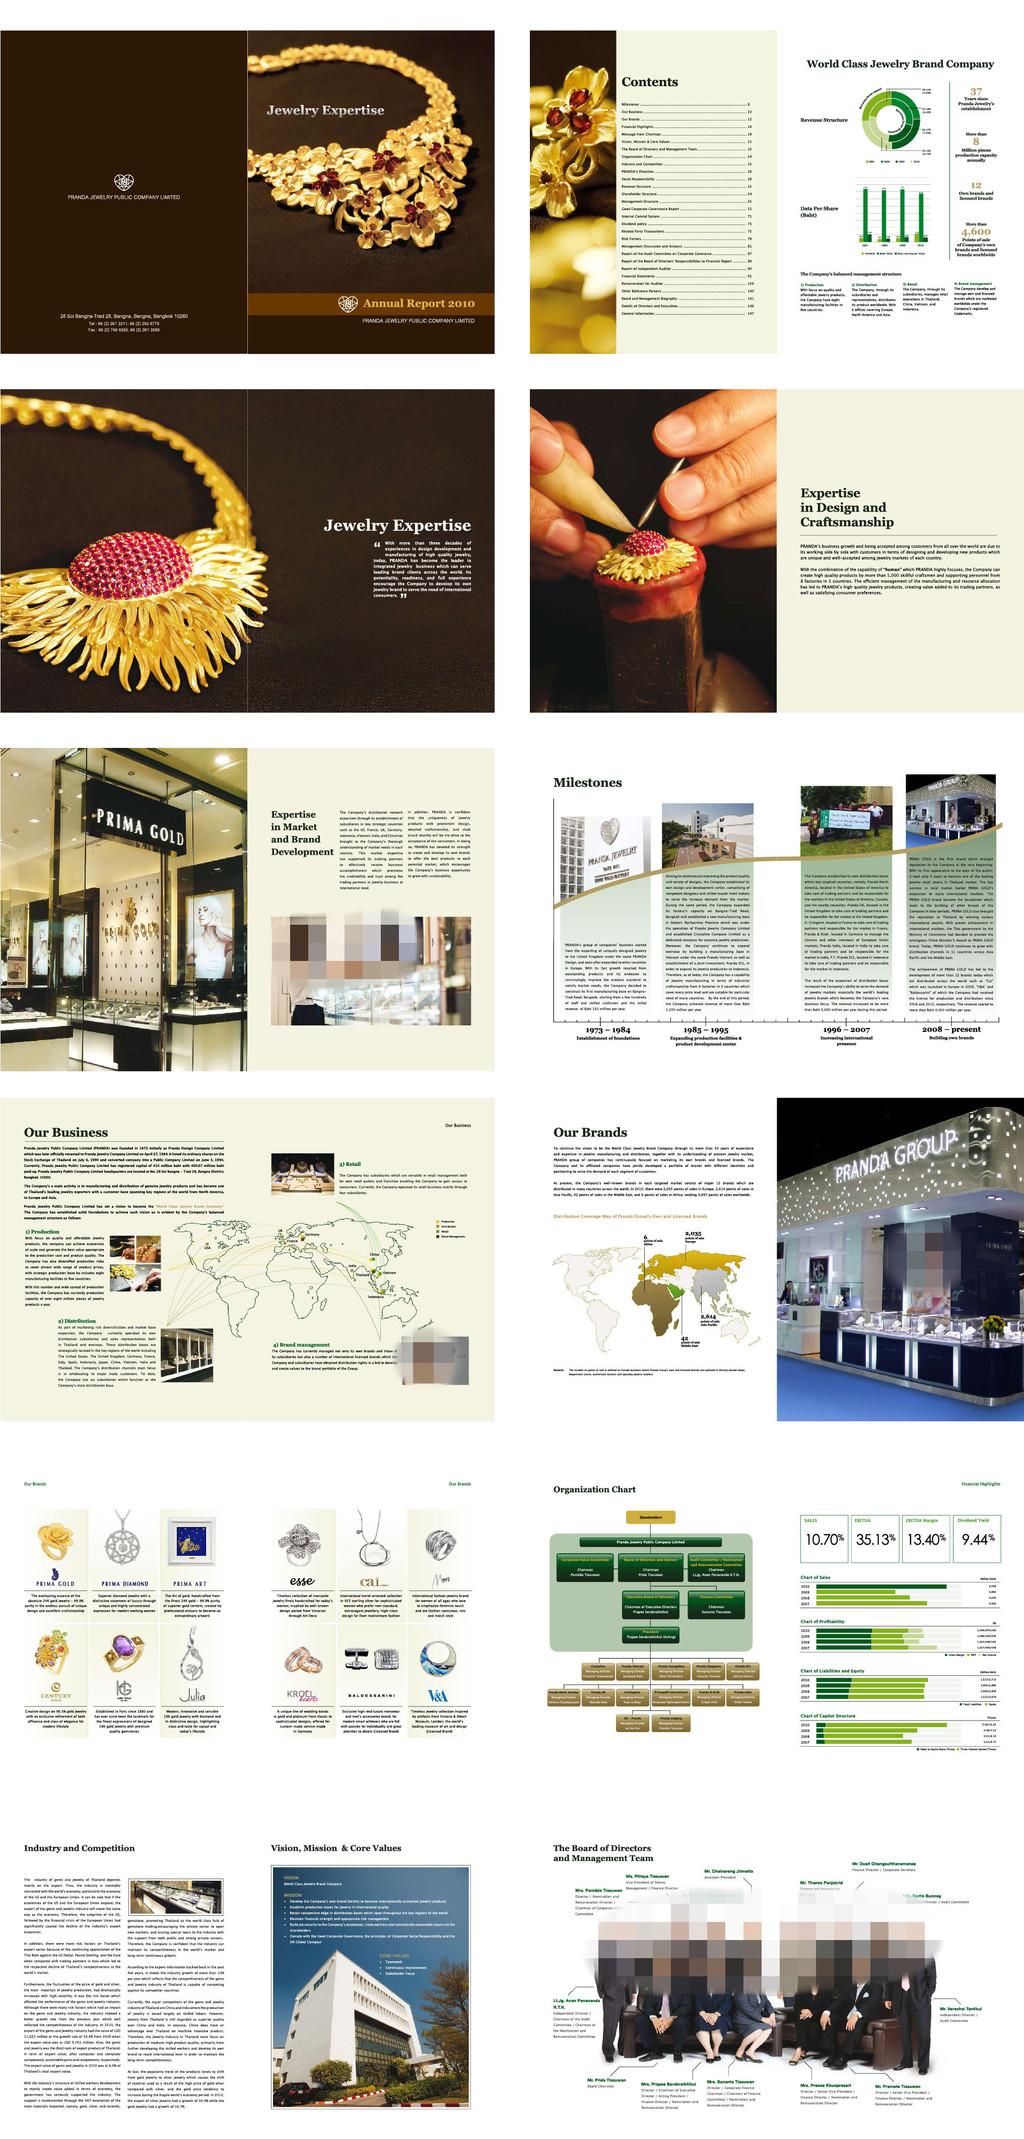 珠宝饰品产品宣传画册设计模版图片下载 国外画册 企业画册 版式设计图片